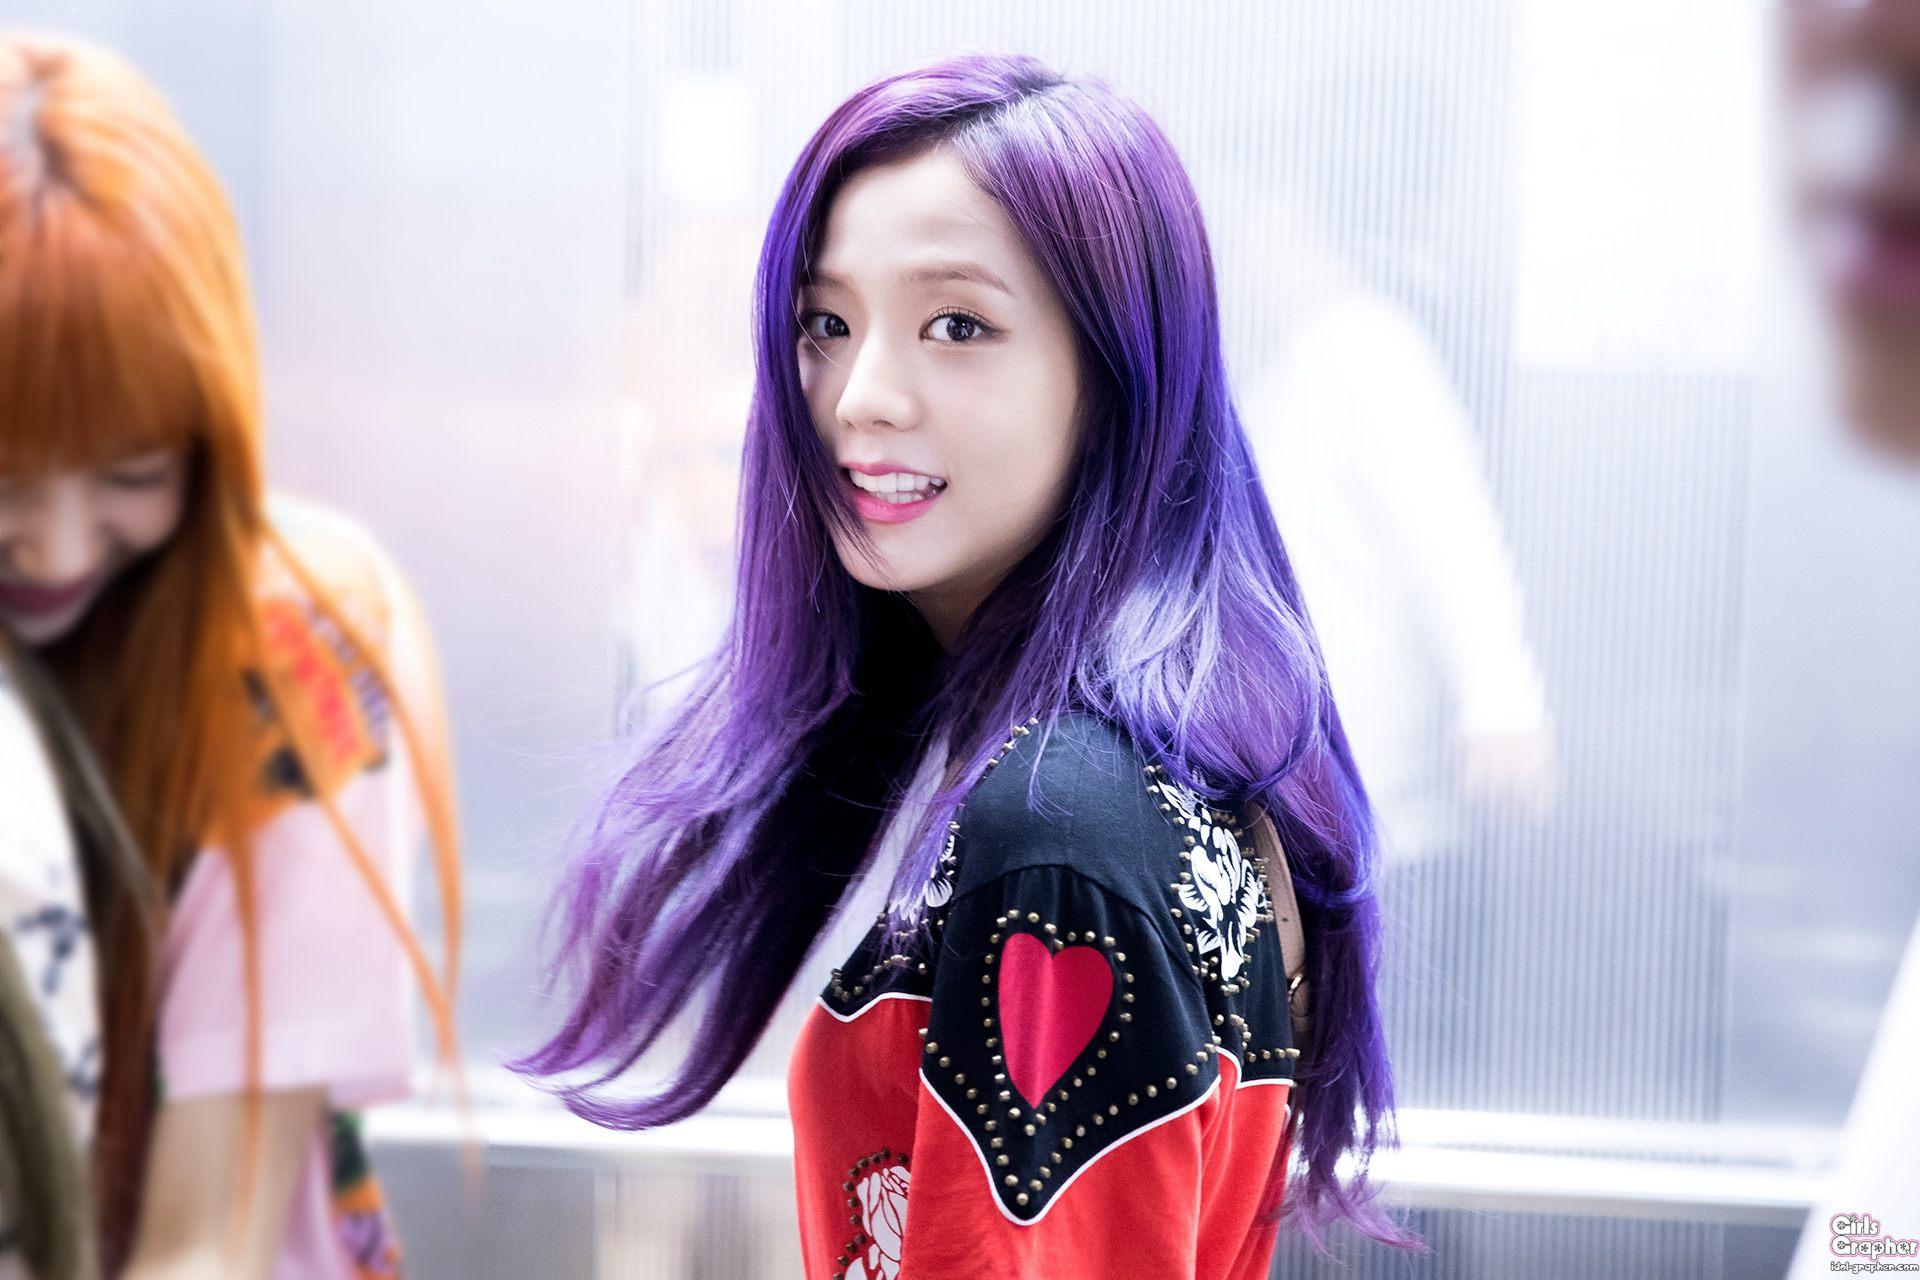 """Đẳng cấp của idol đẹp như Hoa hậu: Jisoo chứng minh khả năng """"cân"""" được mọi màu tóc, từ basic đến khó chiều - Ảnh 4."""